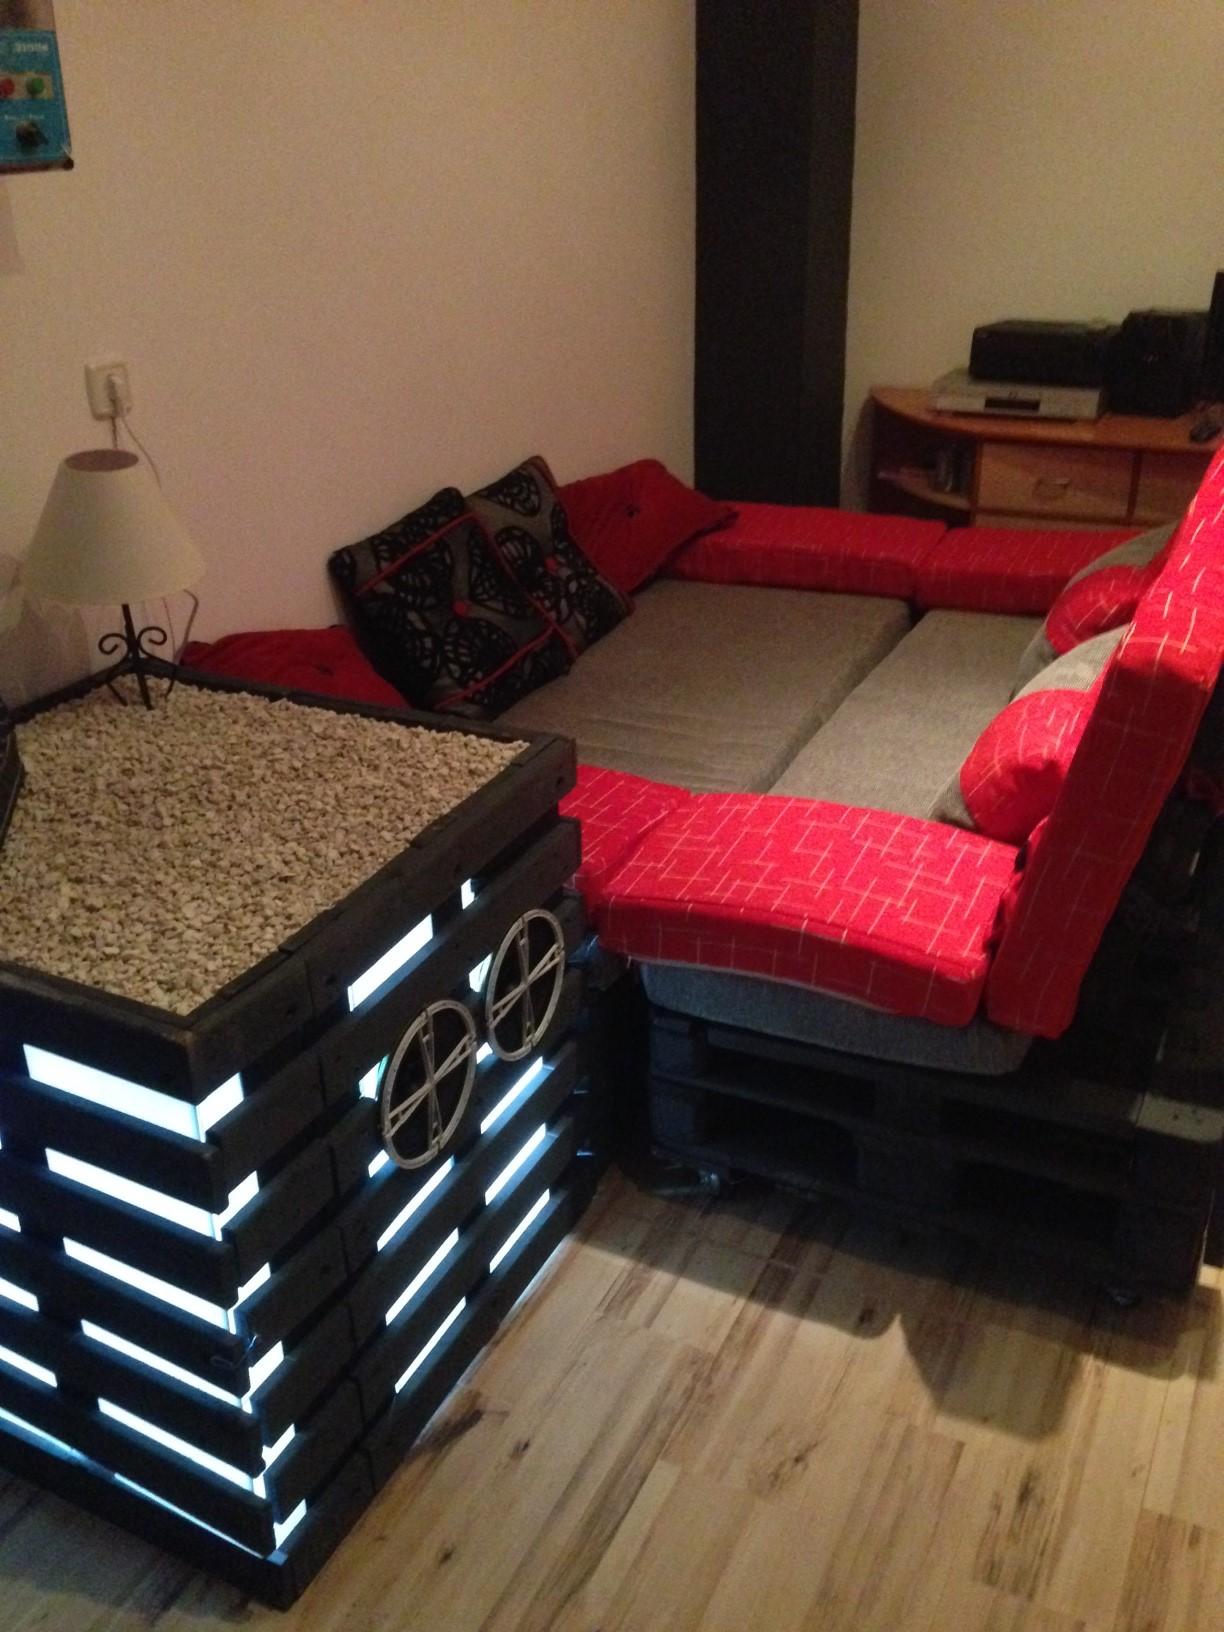 divano e comodino home cinema fatto da palletmobili con. Black Bedroom Furniture Sets. Home Design Ideas